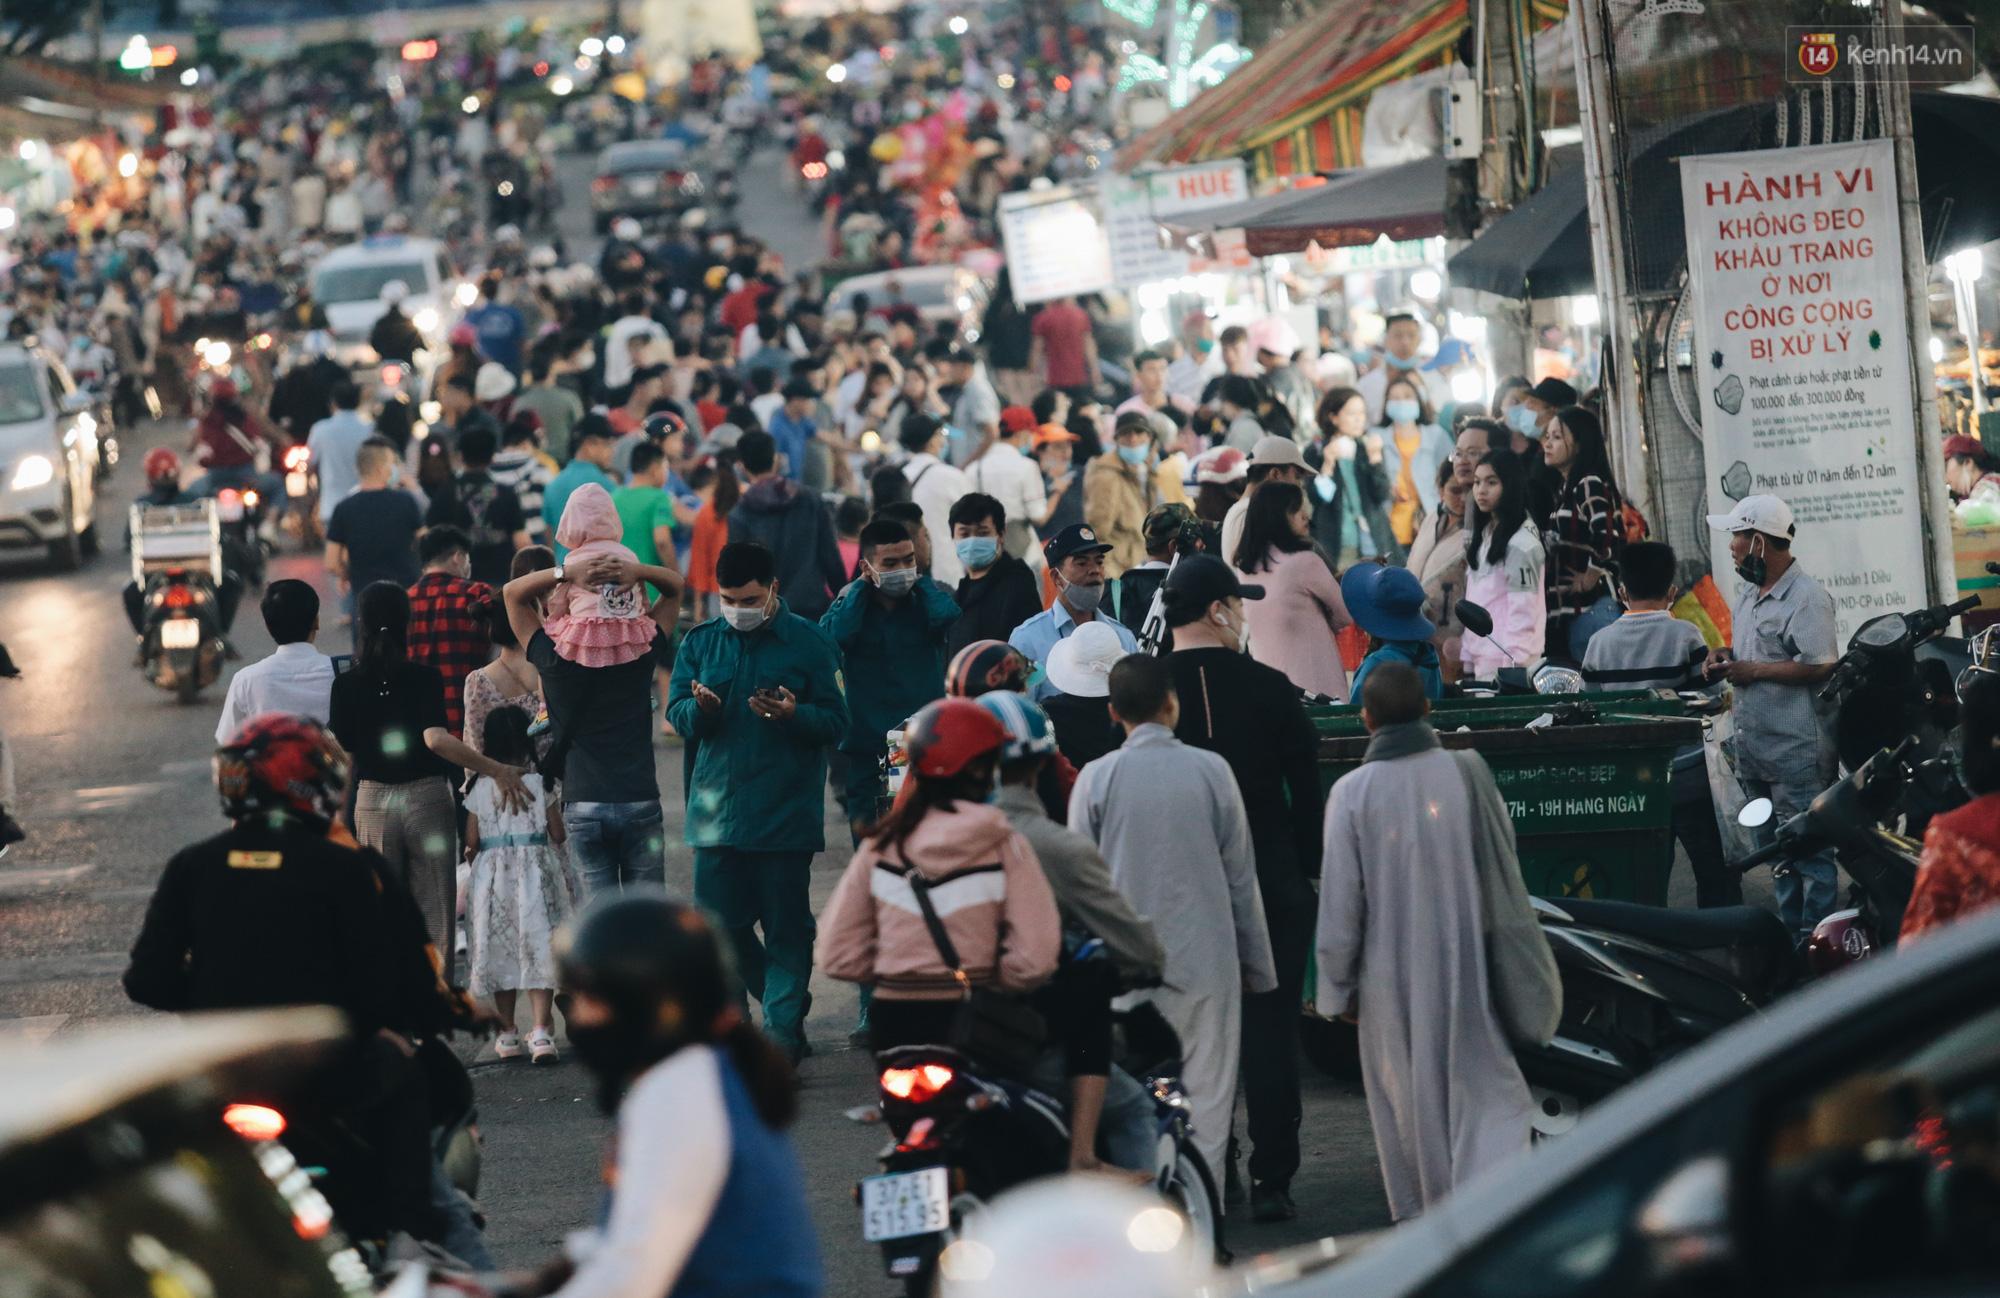 Trung tâm TP. Đà Lạt tê liệt từ chiều đến tối do lượng du khách tăng đột biến dịp lễ 30/4 - Ảnh 9.